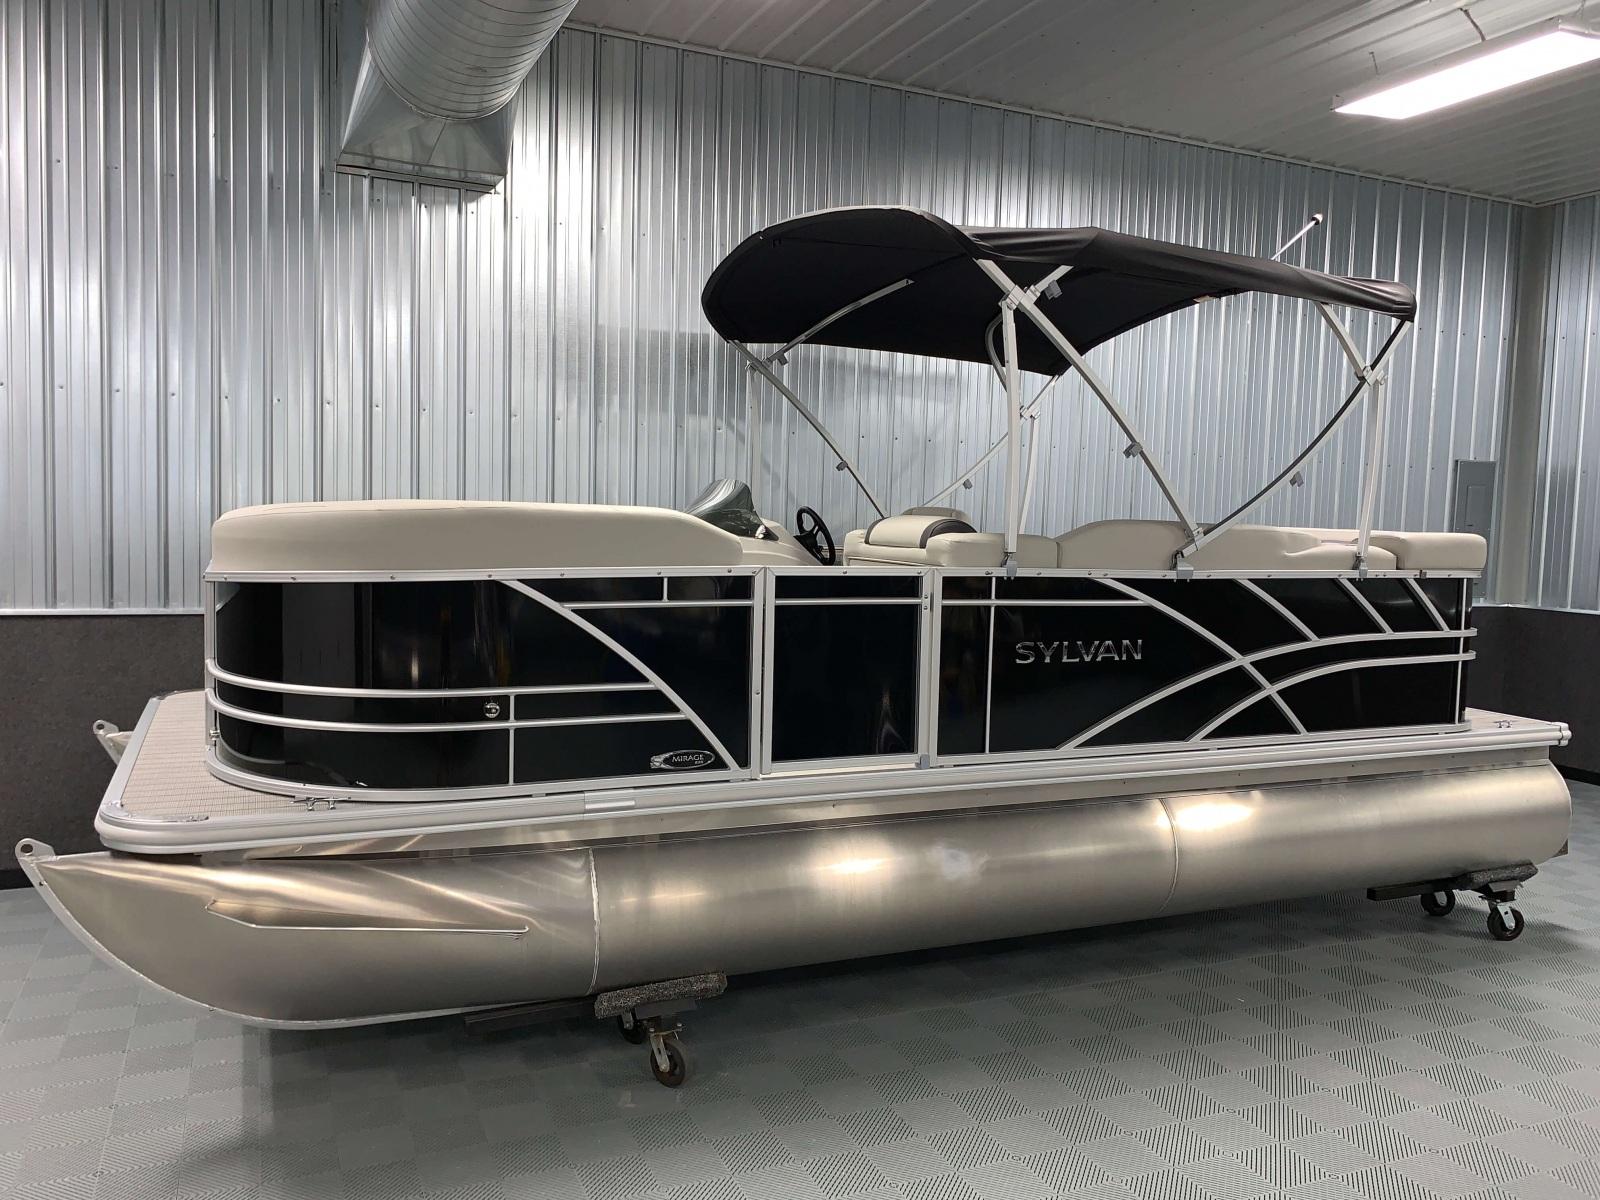 2020-Sylvan-Mirage-820-Cruise-Pontoon-Black-6